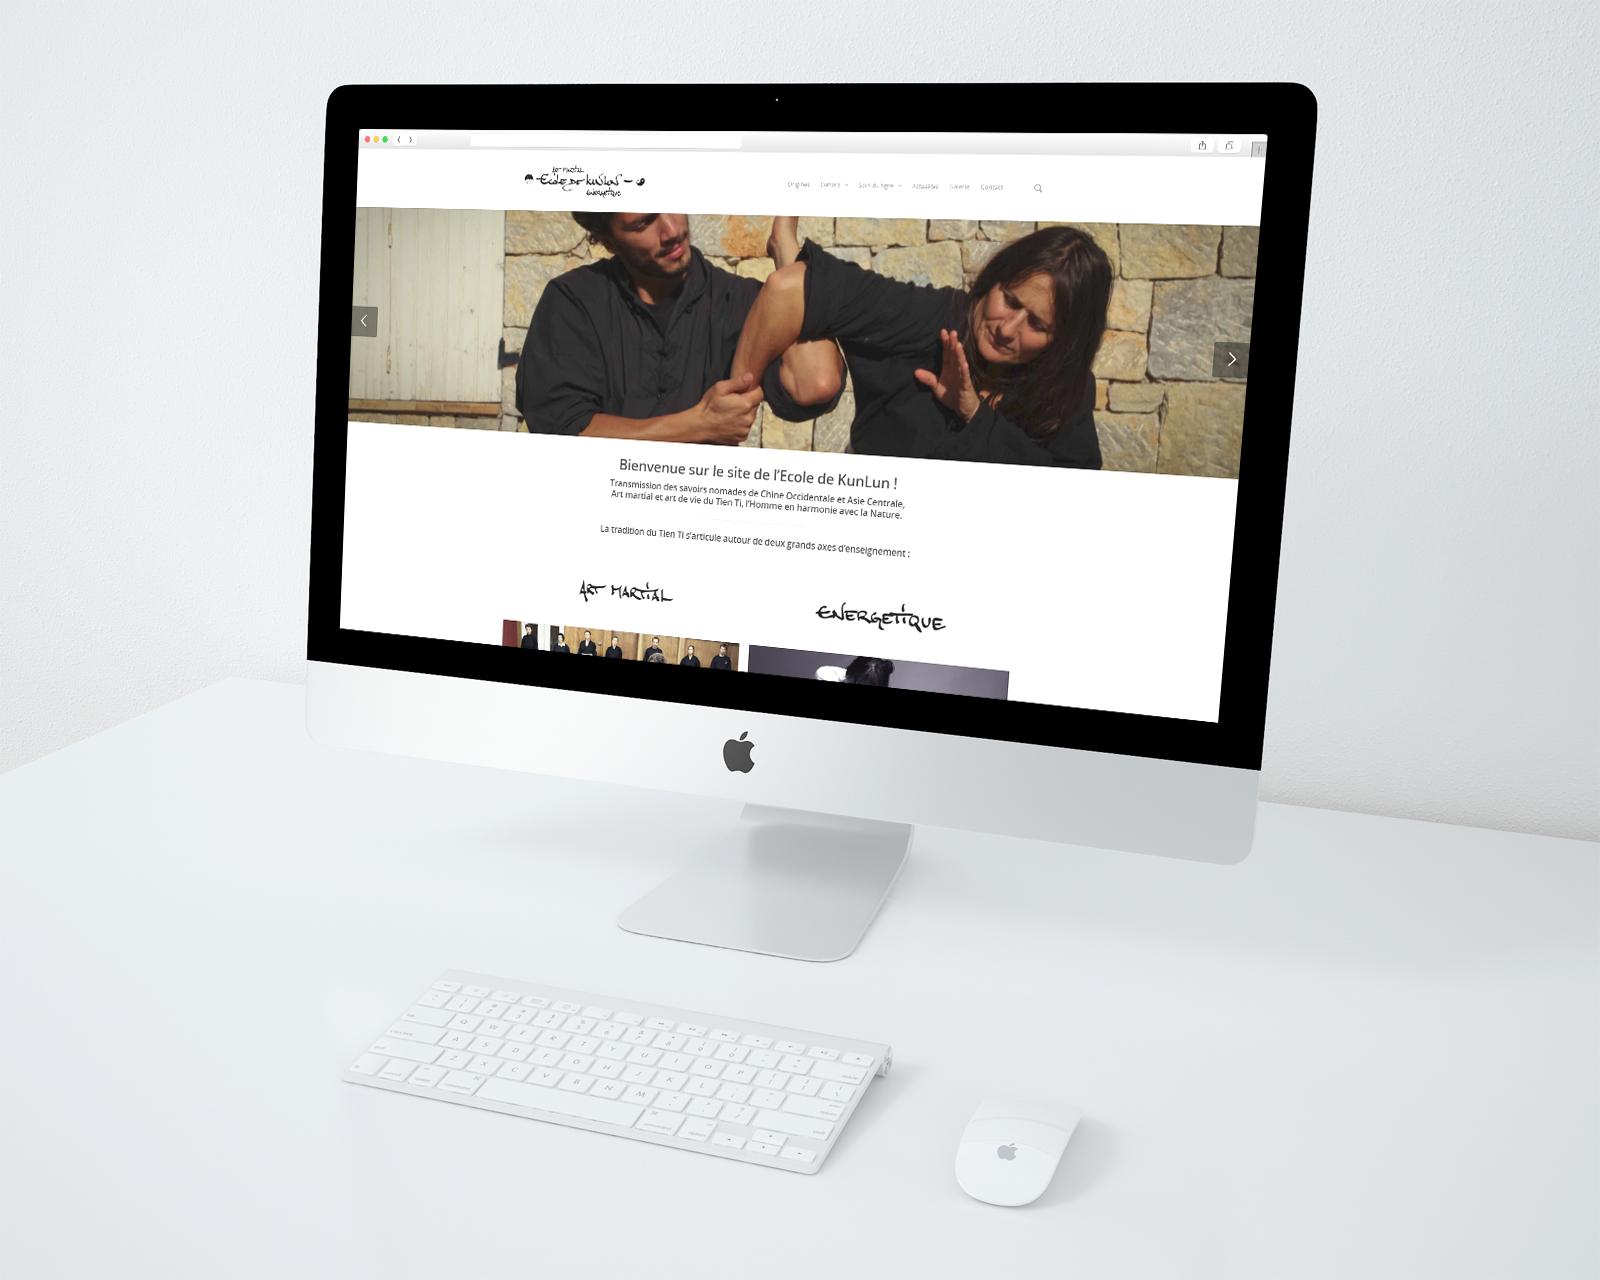 Réalisation du site officiel de l'école de Kunlun. Réalisation par le studio du flamant rose, Bordeaux